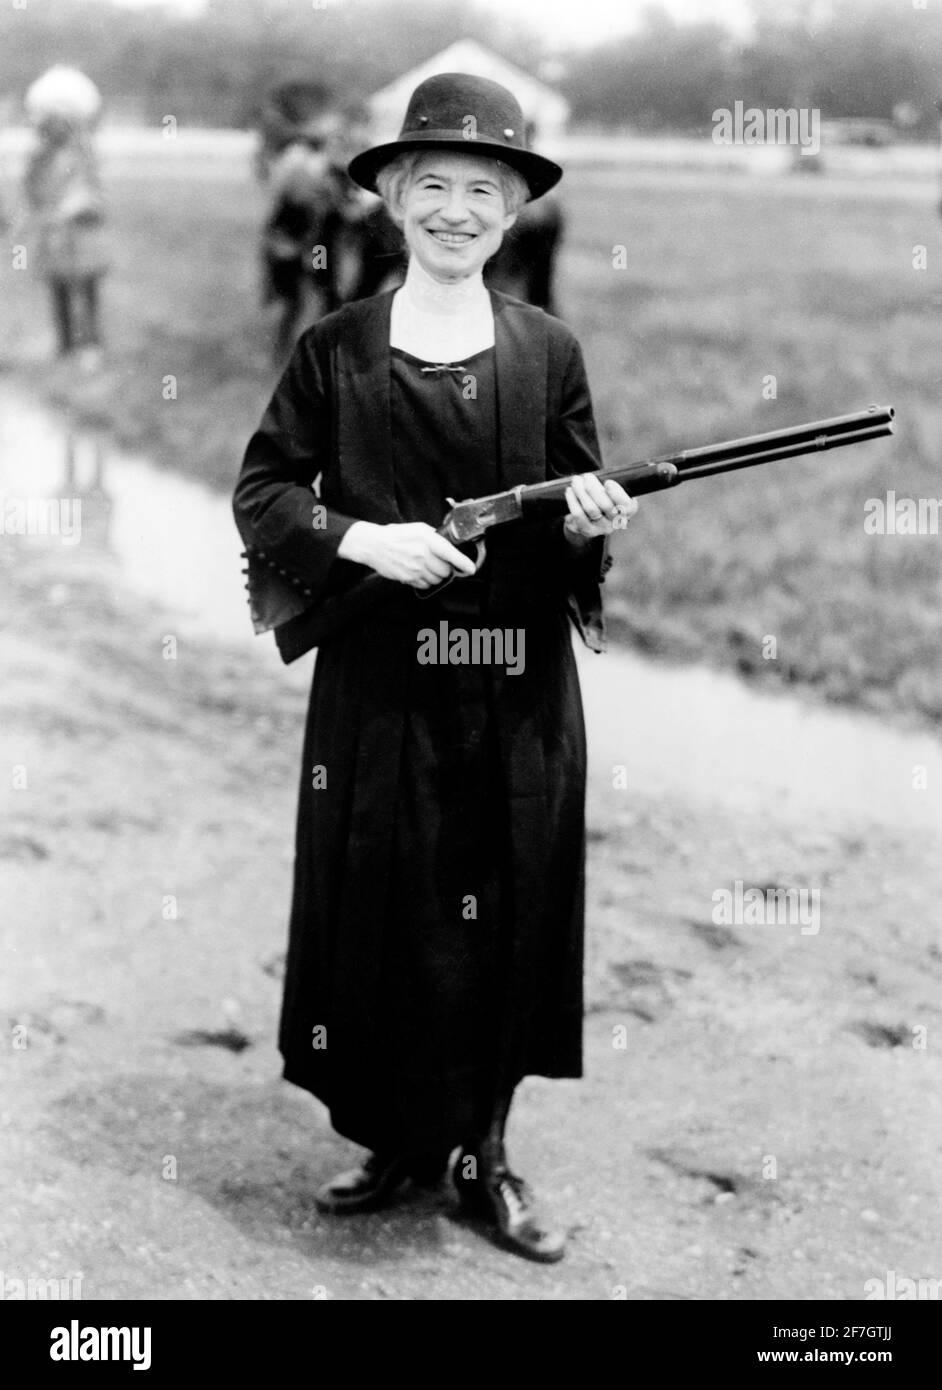 Annie Oakley con el arma que le dio Buffalo Bill. Retrato de la famosa francotirador americana, Annie Oakley (n. Phoebe Ann Mosey, 1860-1926) , 1922 Foto de stock